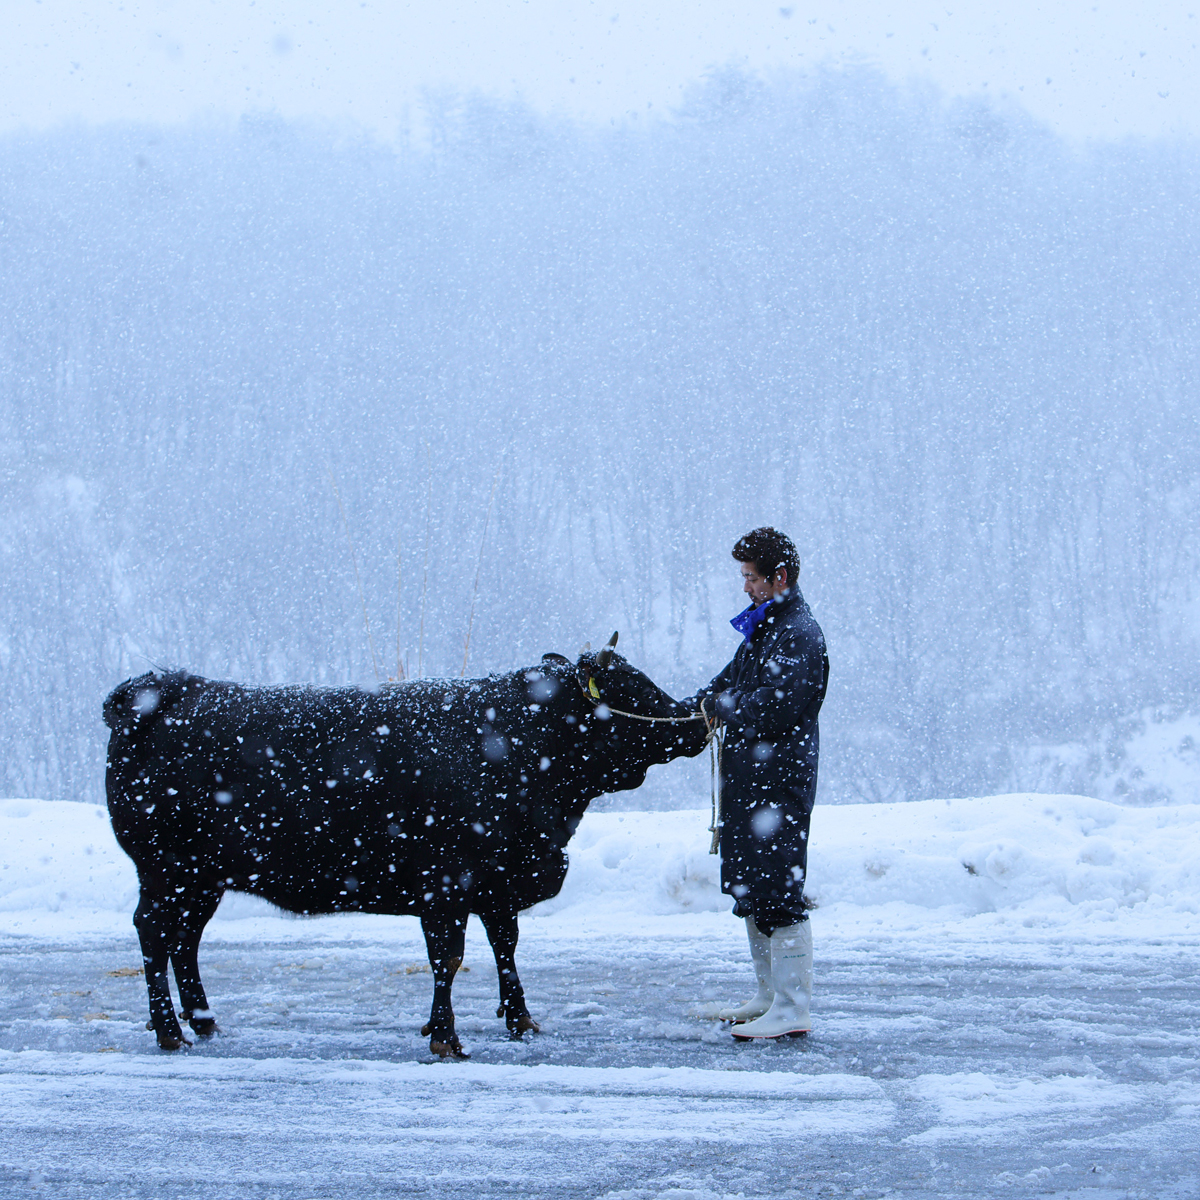 雪のような口どけ 山形牛黒毛和牛 雪降り和牛尾花沢 コラーゲンたっぷり 煮込み用すね肉〔1kg〕